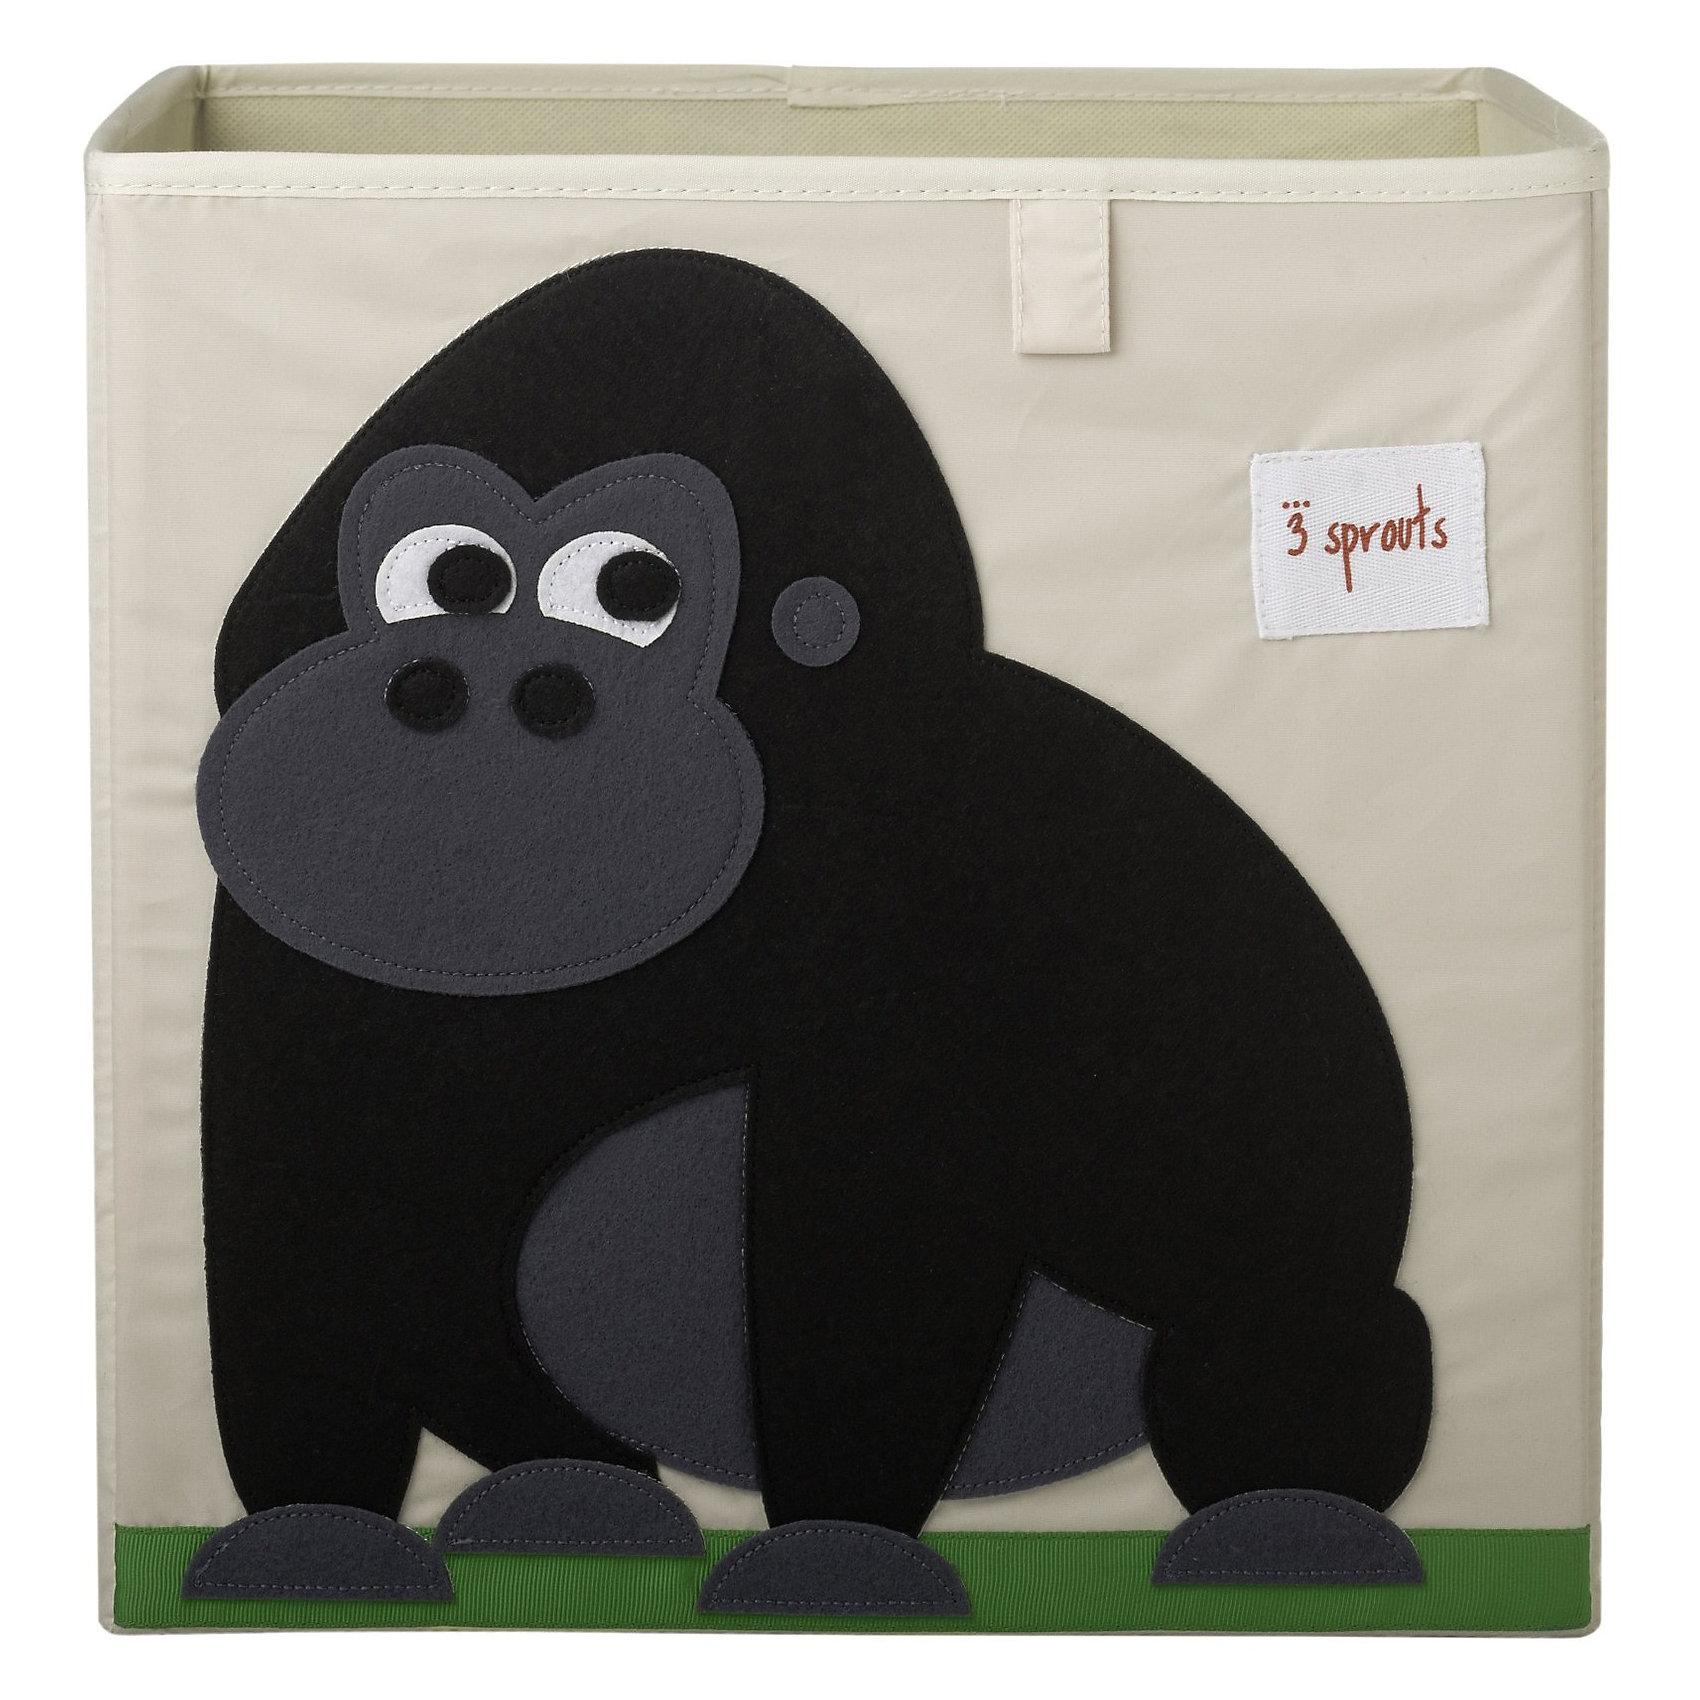 3 Sprouts Коробка для хранения Горилла (Black Gorilla), 3 Sprouts